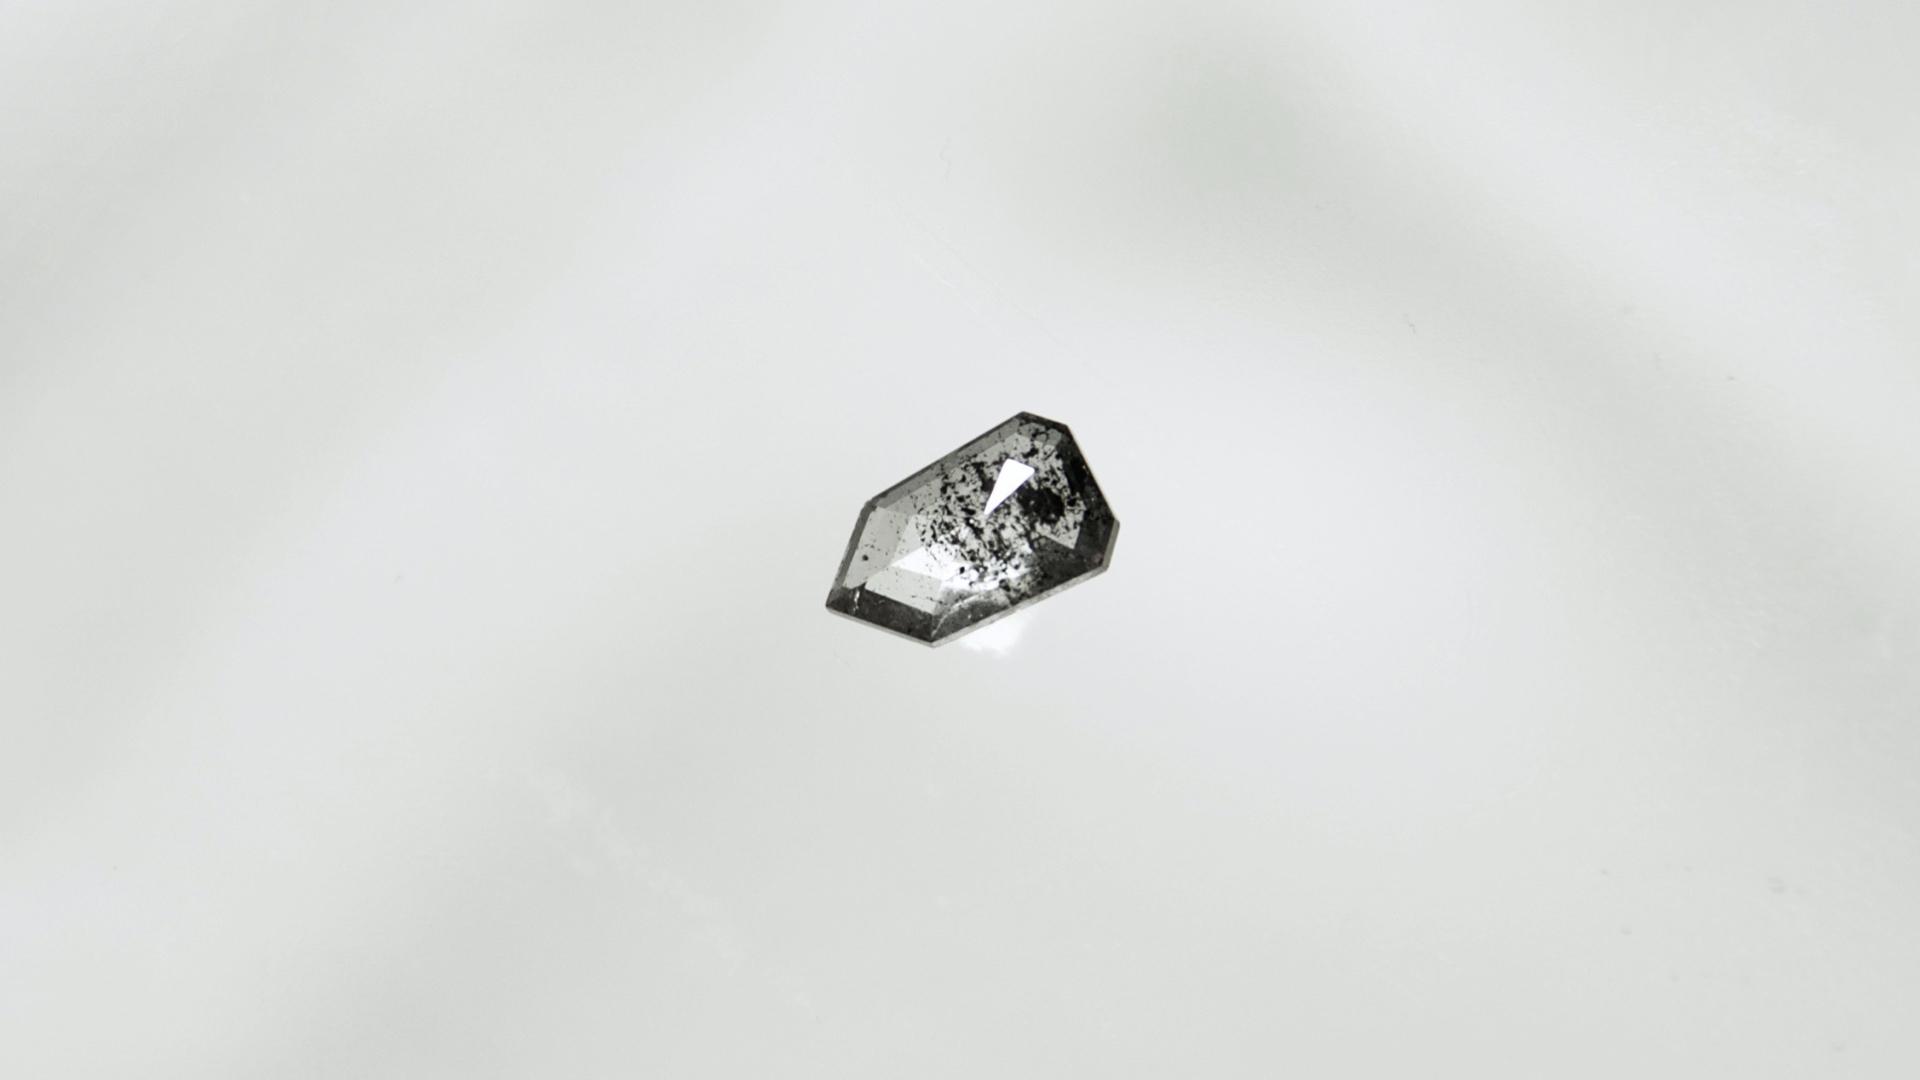 ゼブラダイヤモンド(ZEBRA DIAMOND)はザックリとしたモダンカッティングの一点物ダイヤ